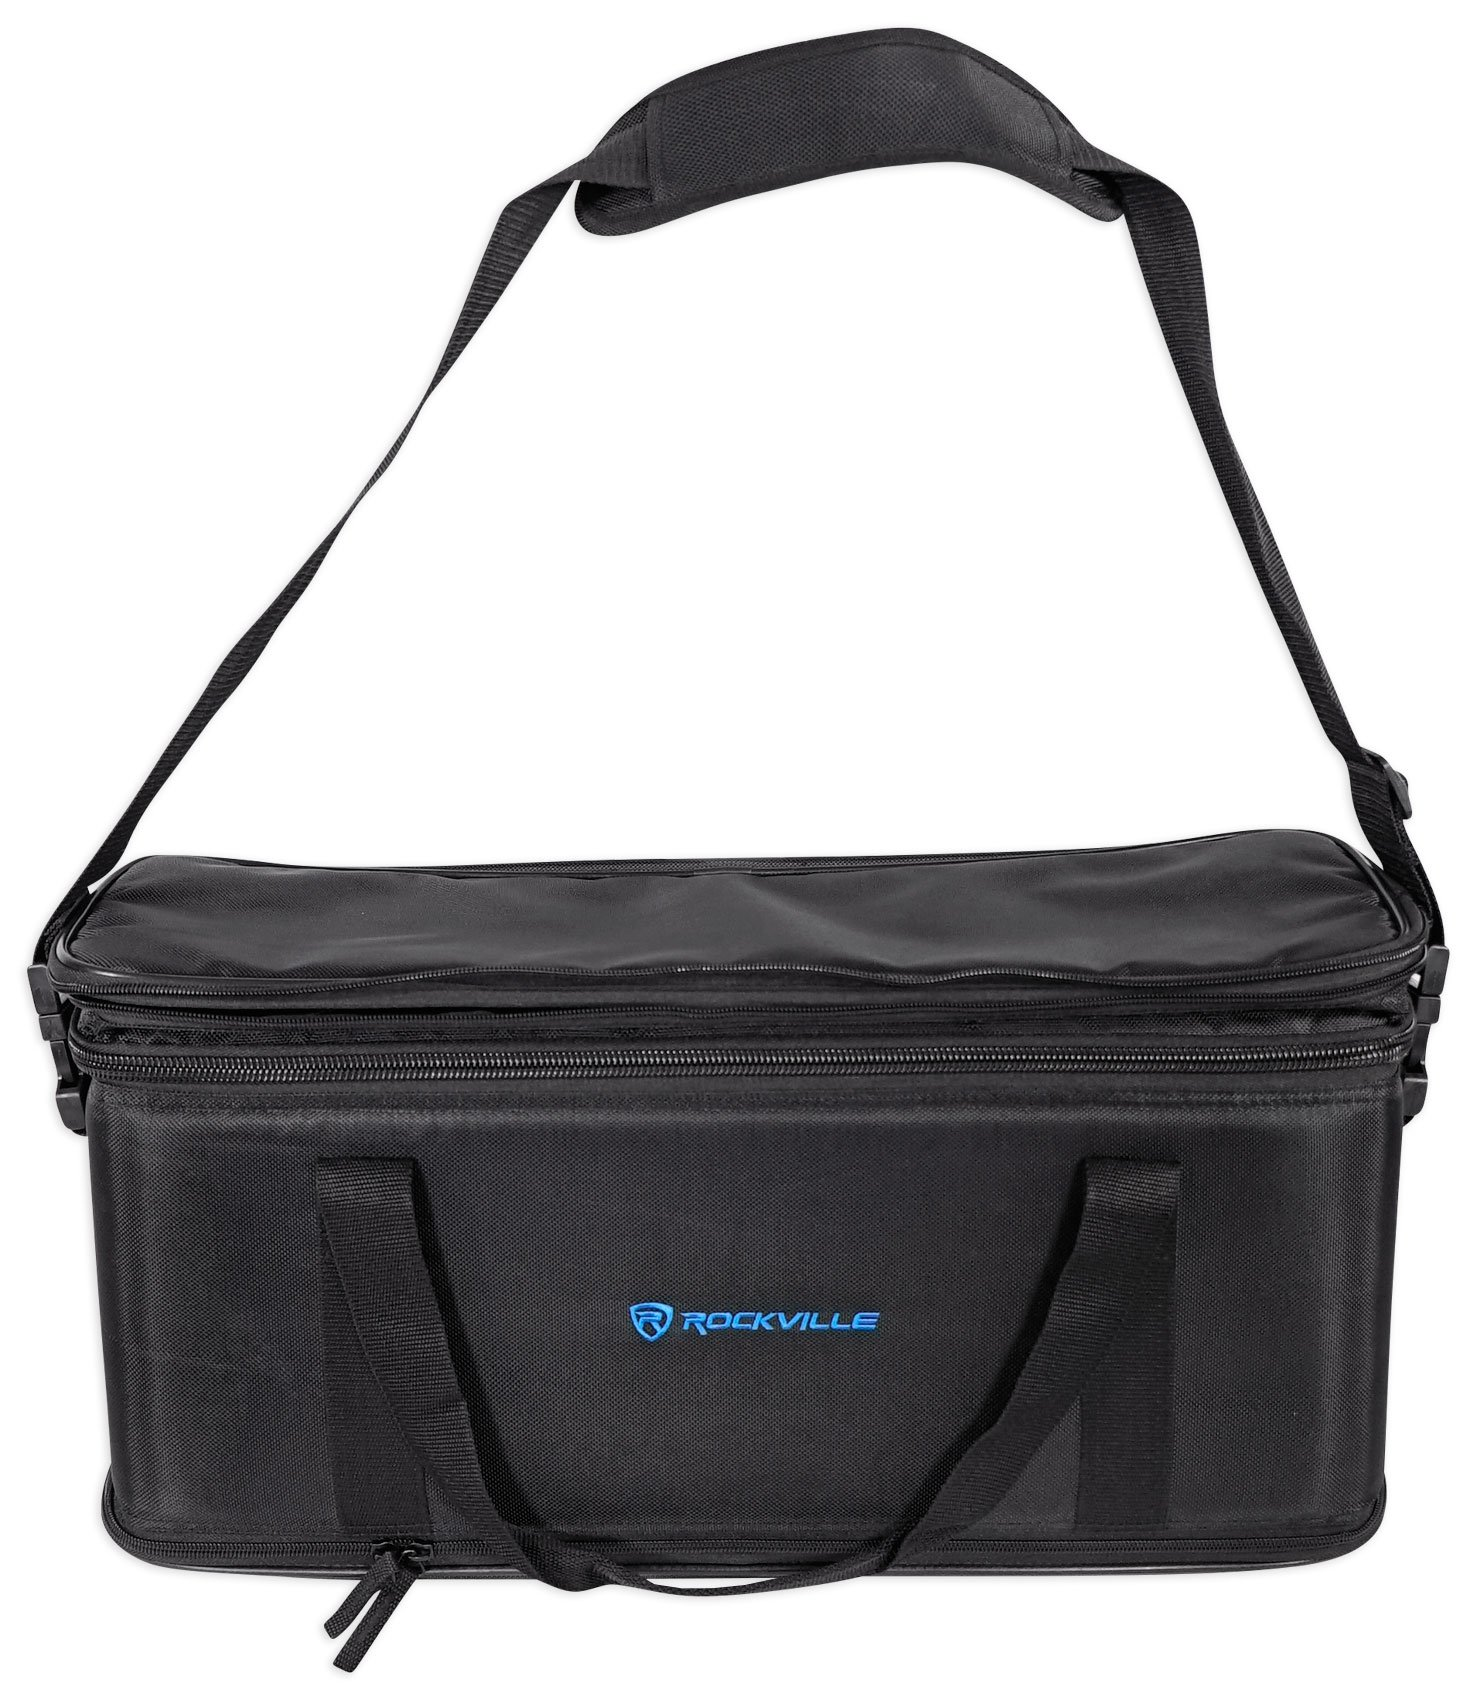 Rockville 3U Rack Bag Double-Sided Case with 12'' Depth + Shoulder Strap (RRB30)